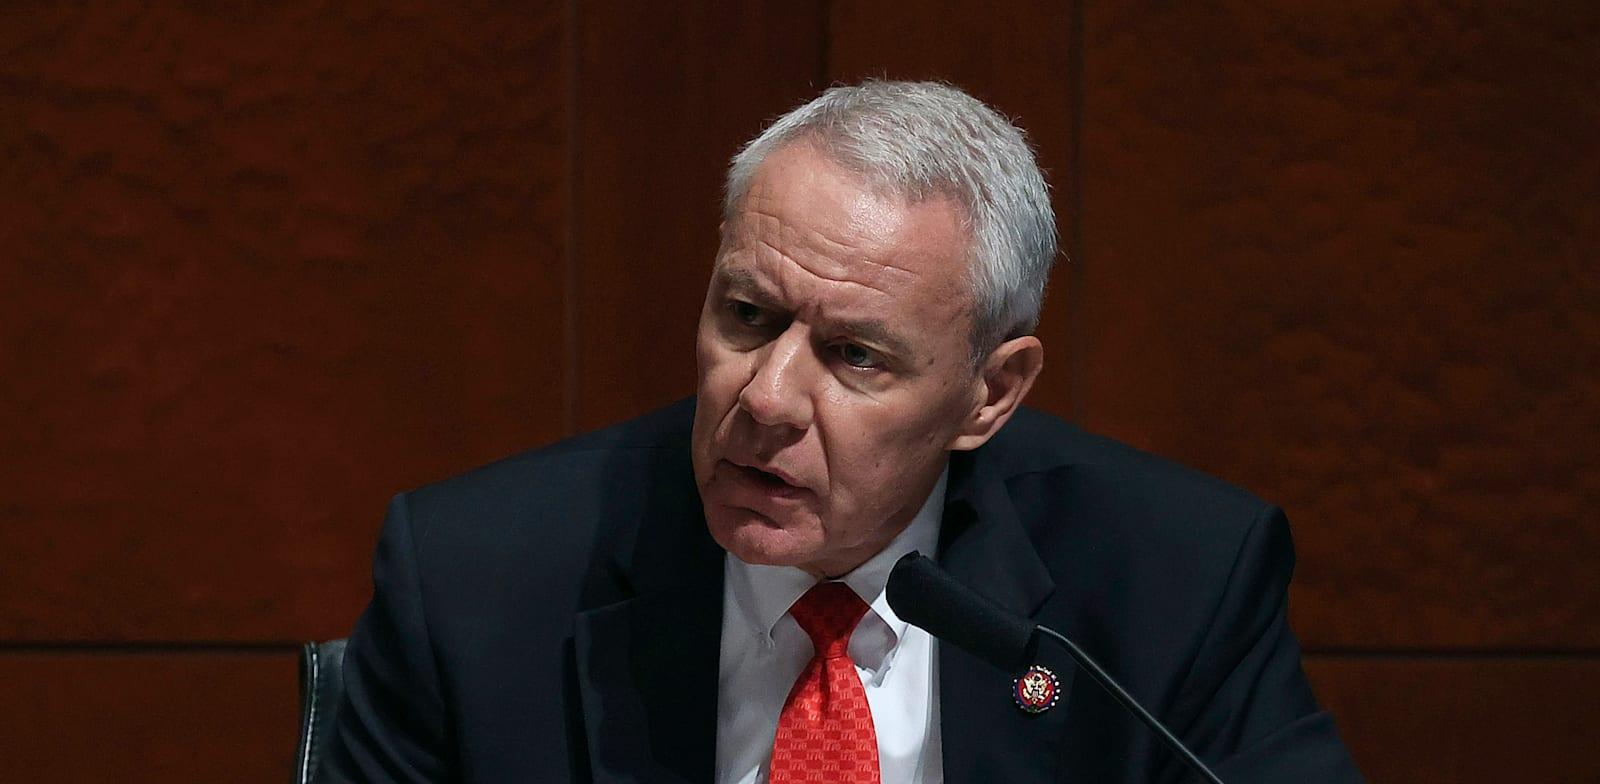 חבר הקונגרס קן באק / צילום: Associated Press, Chip Somodevilla/Pool